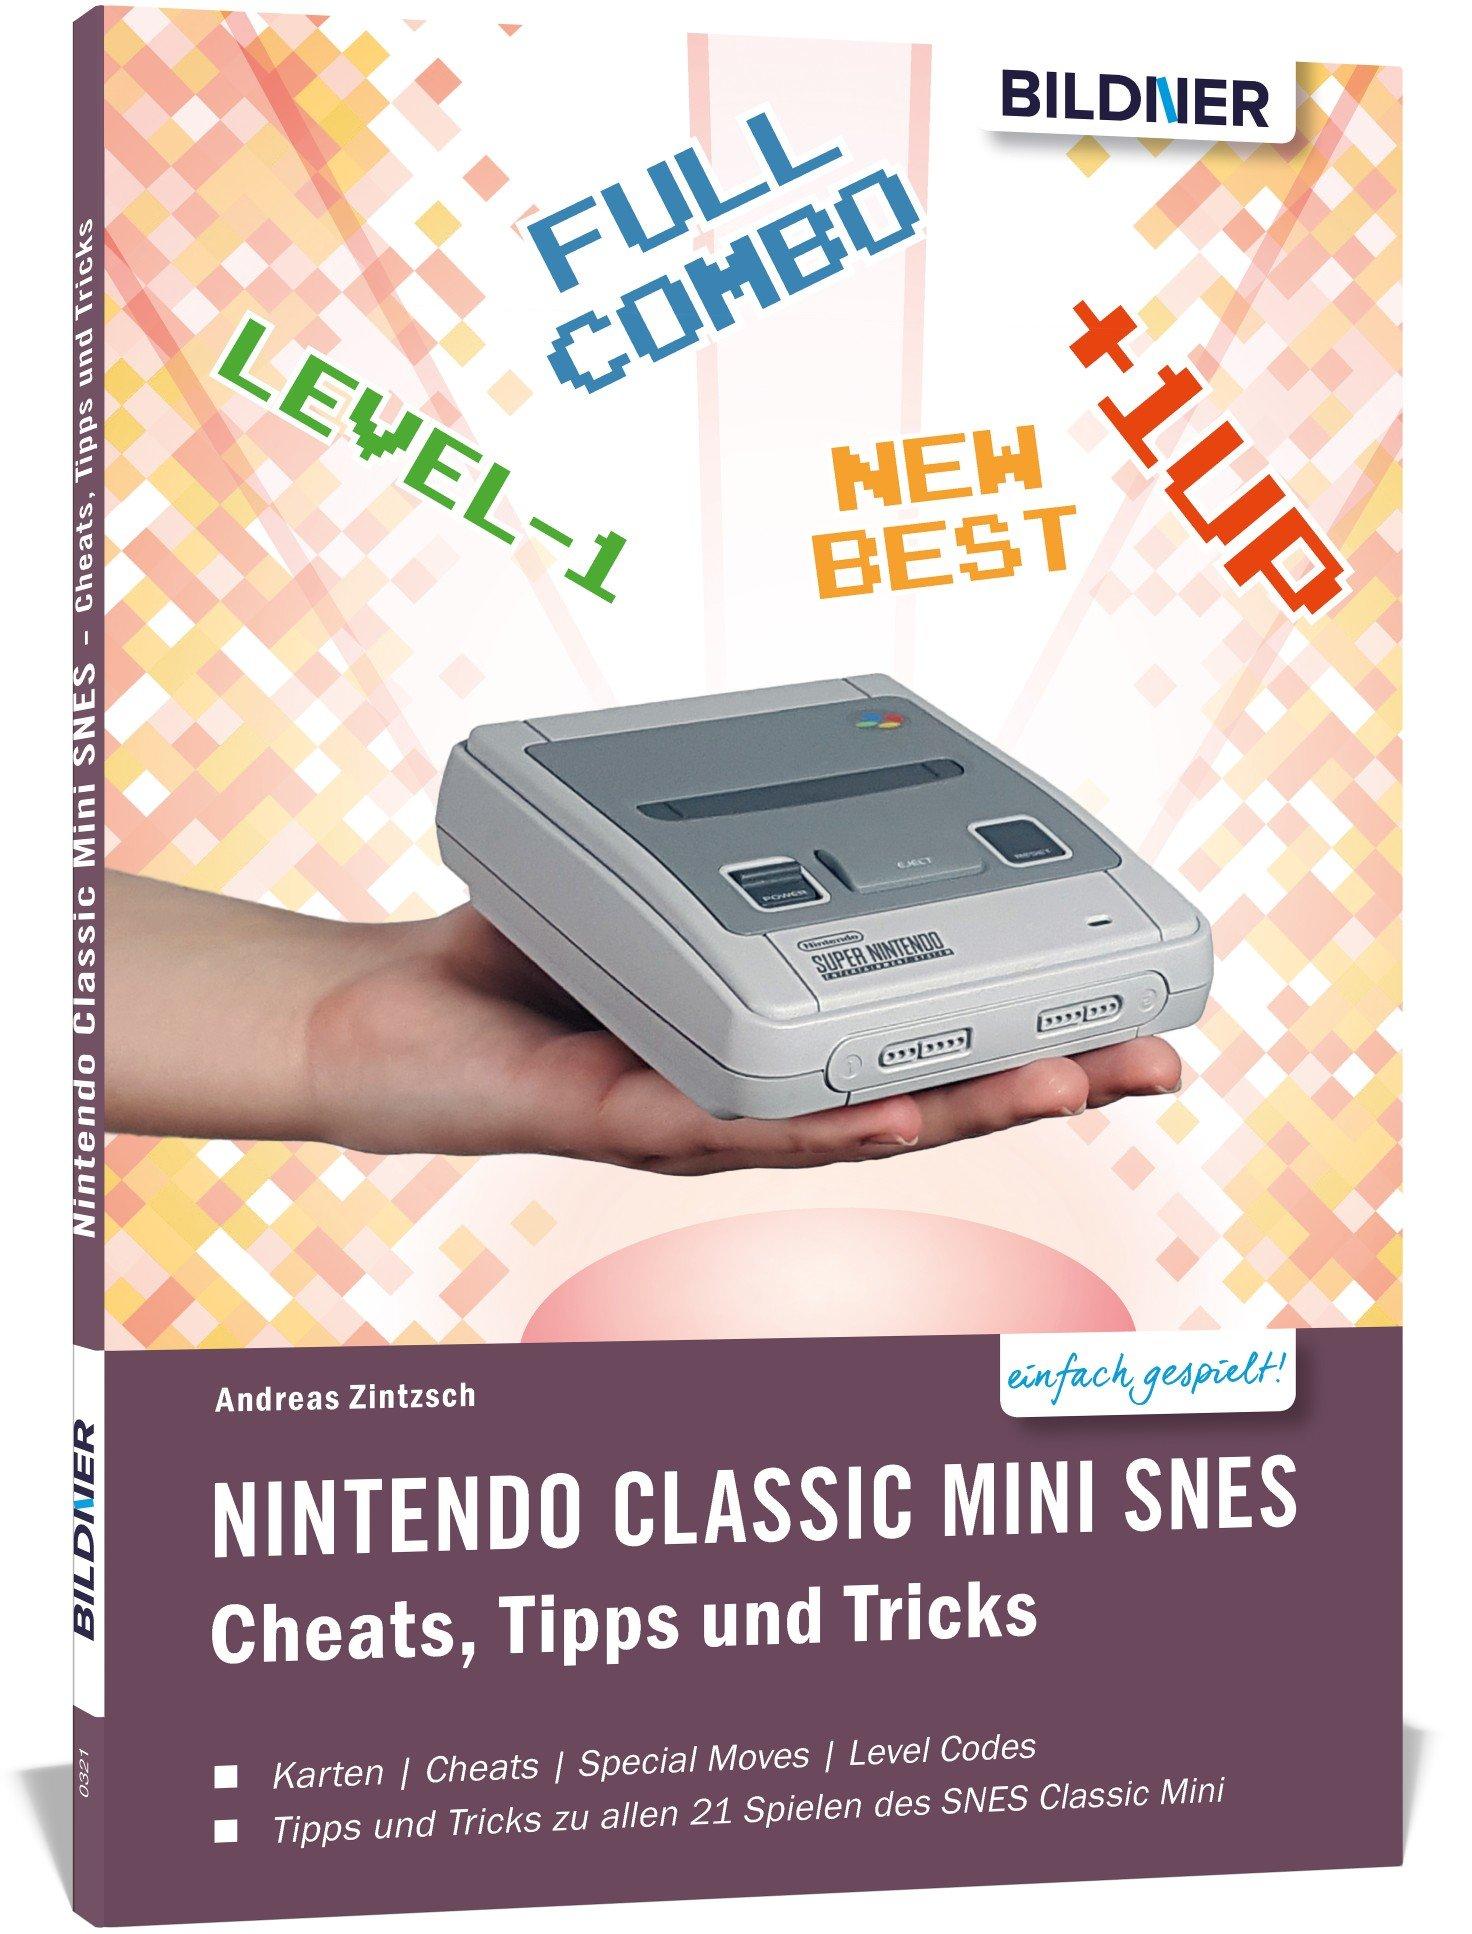 Nintendo SNES mini: Deine Cheats, Tipps und Tricks